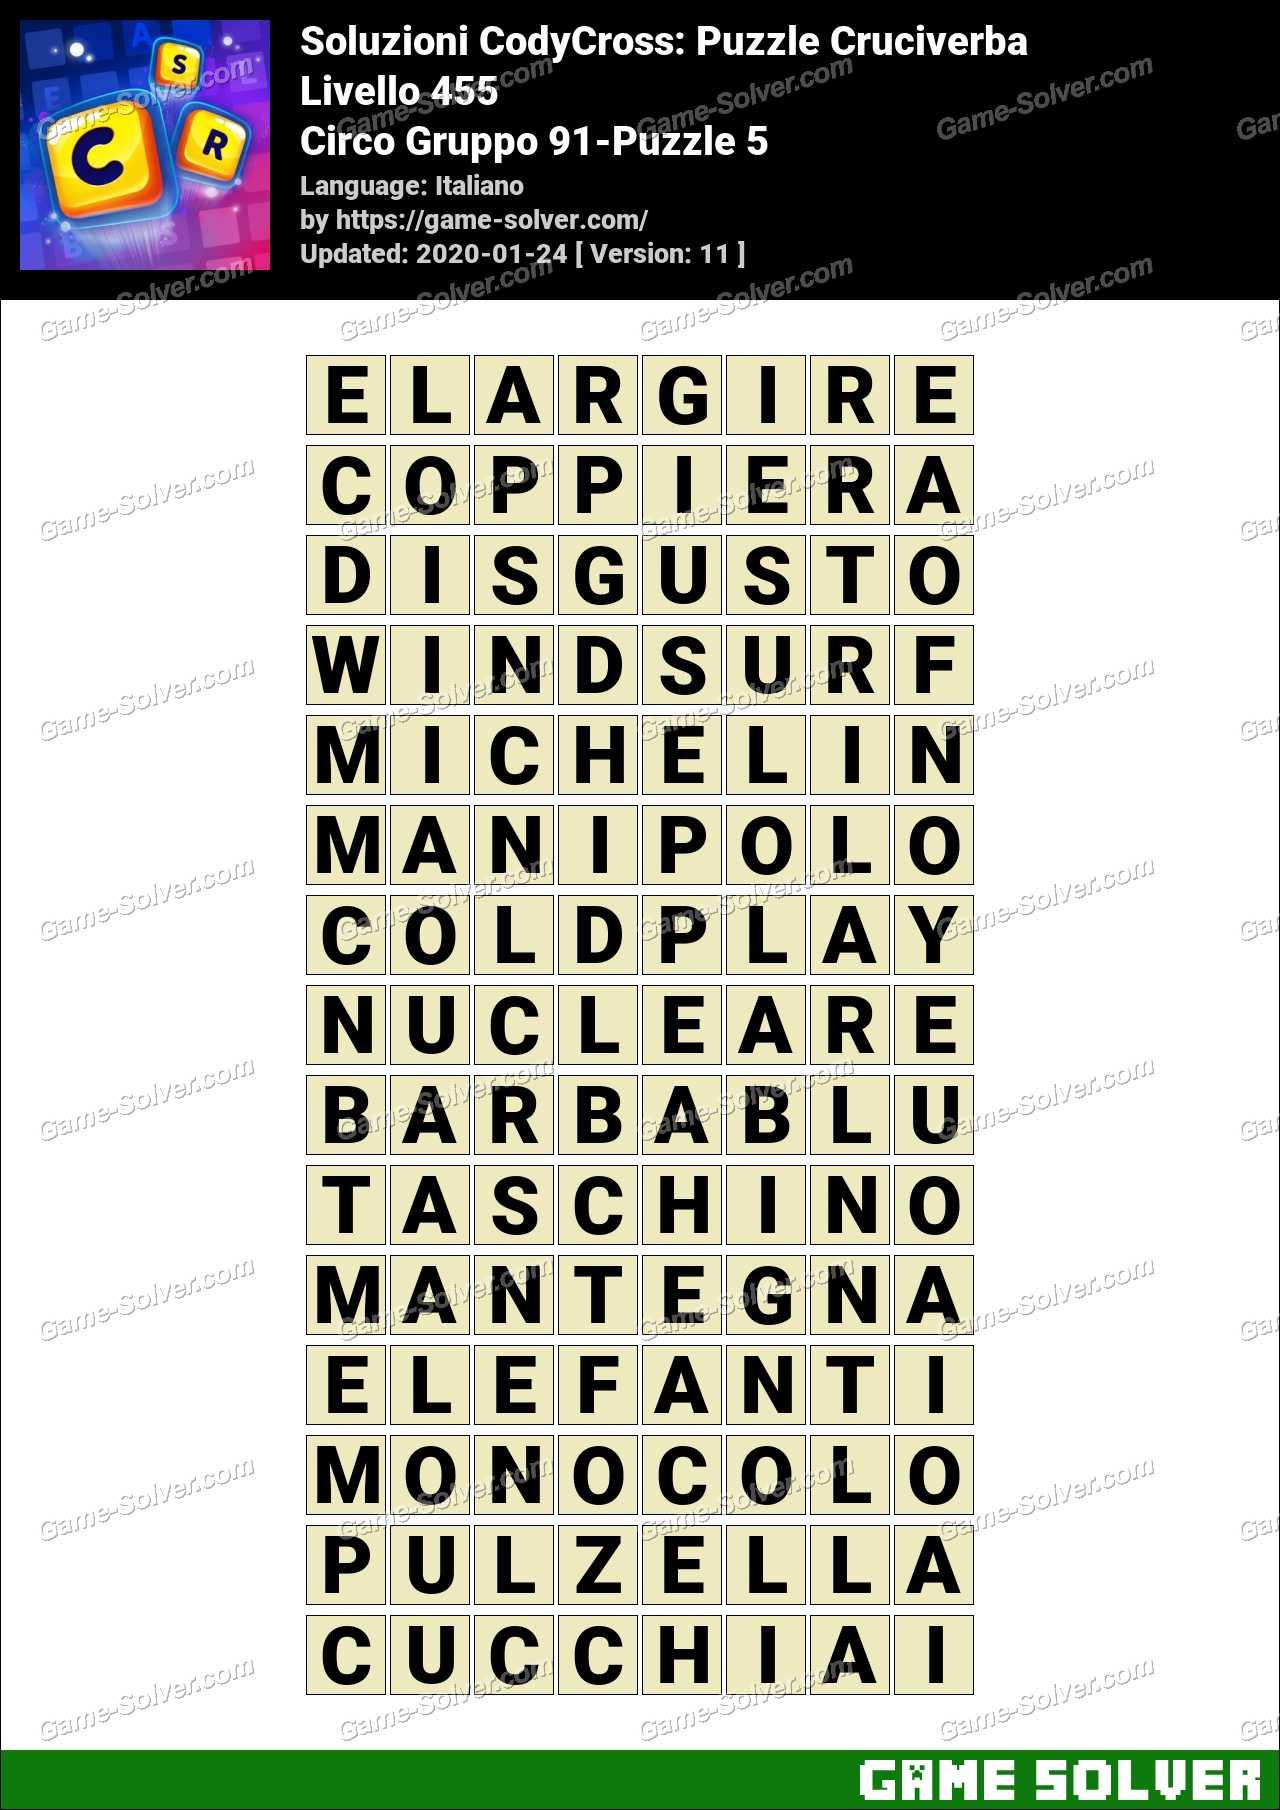 Soluzioni CodyCross Circo Gruppo 91-Puzzle 5